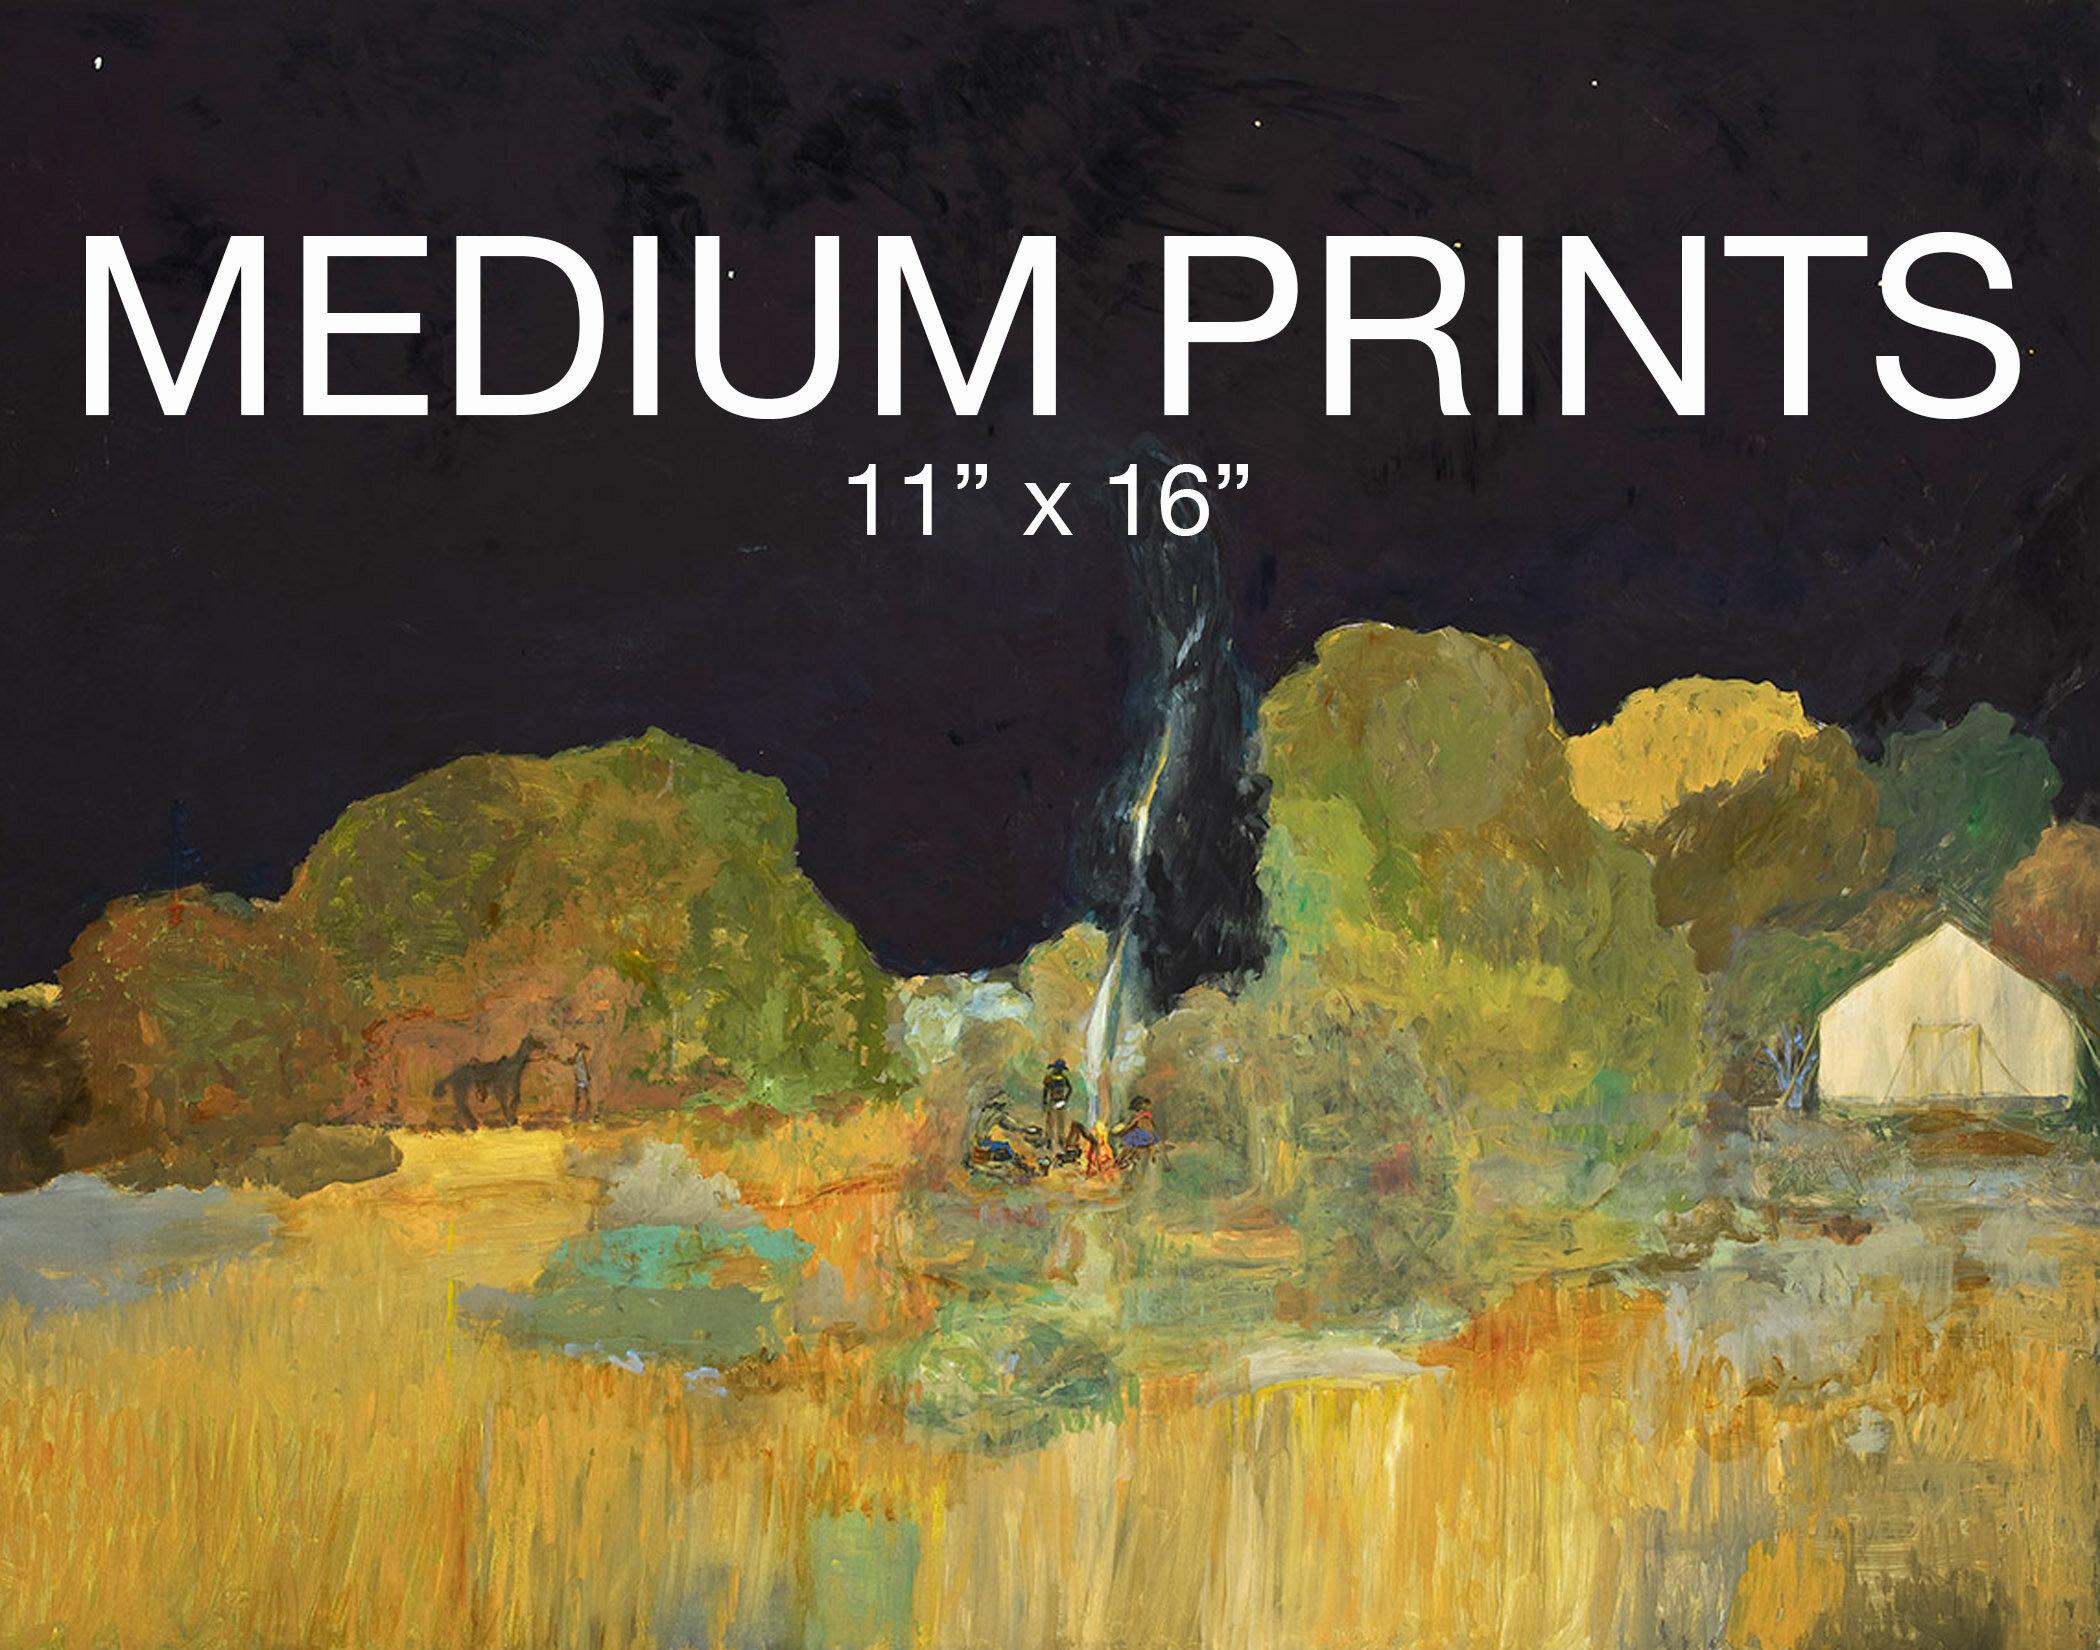 website-grid-mediumprints.jpg